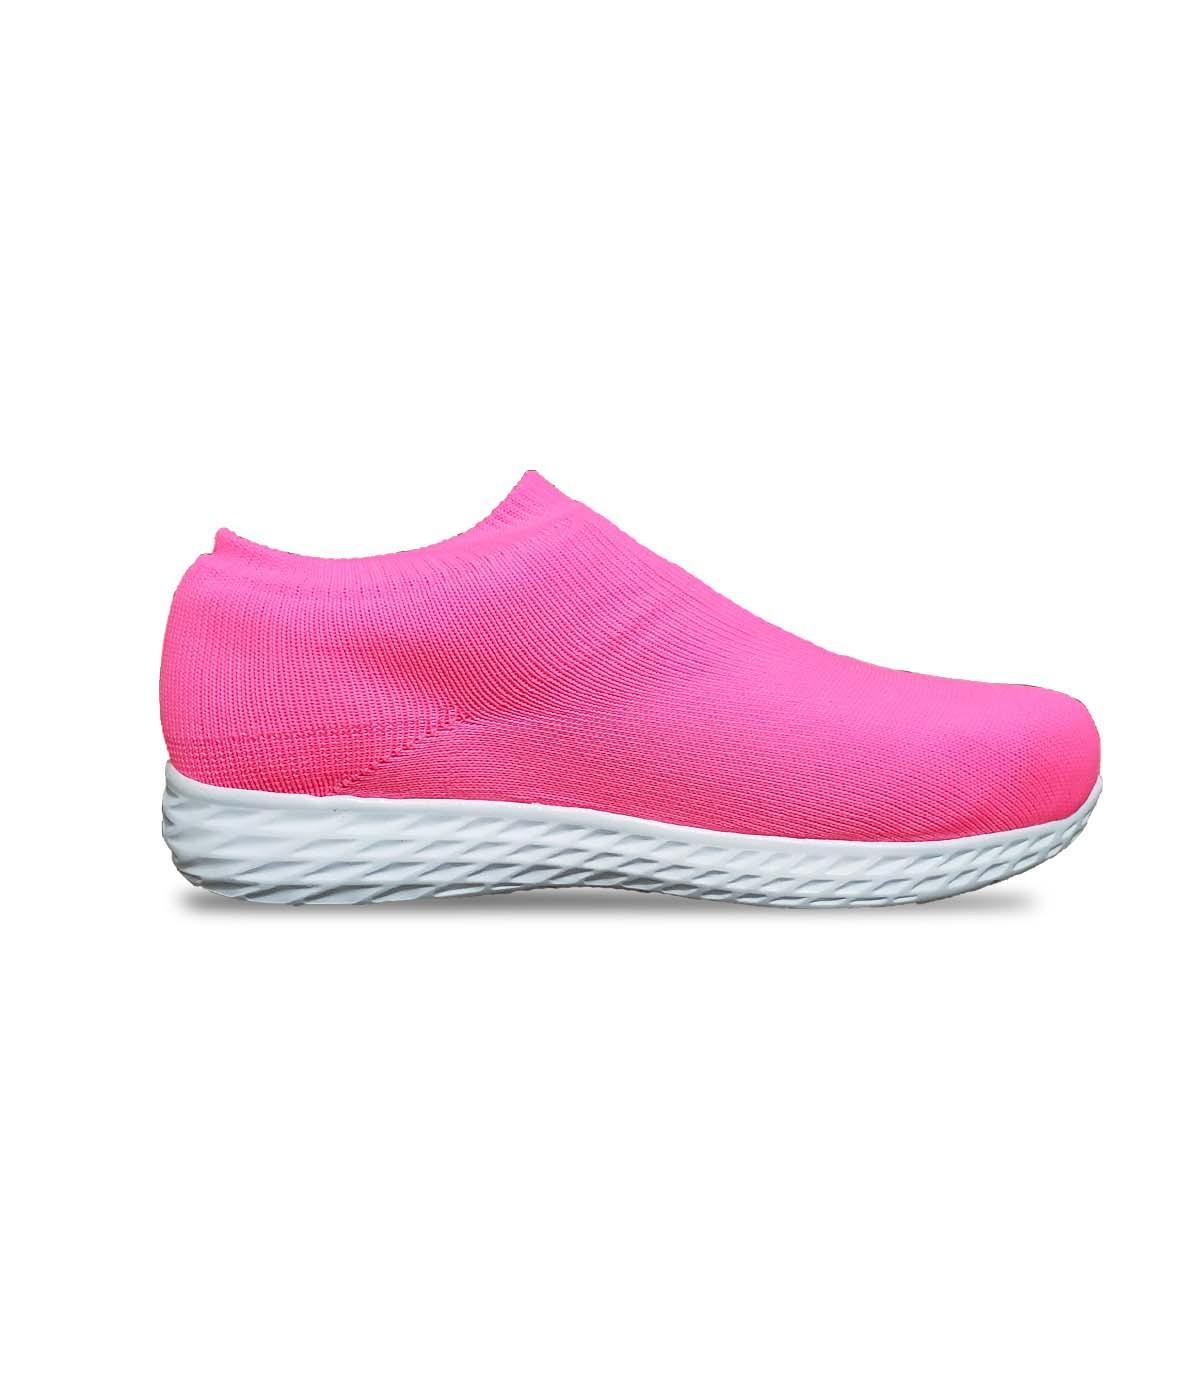 Tênis Footlook knit feminino cor rosa pink coleção ALEGRIA